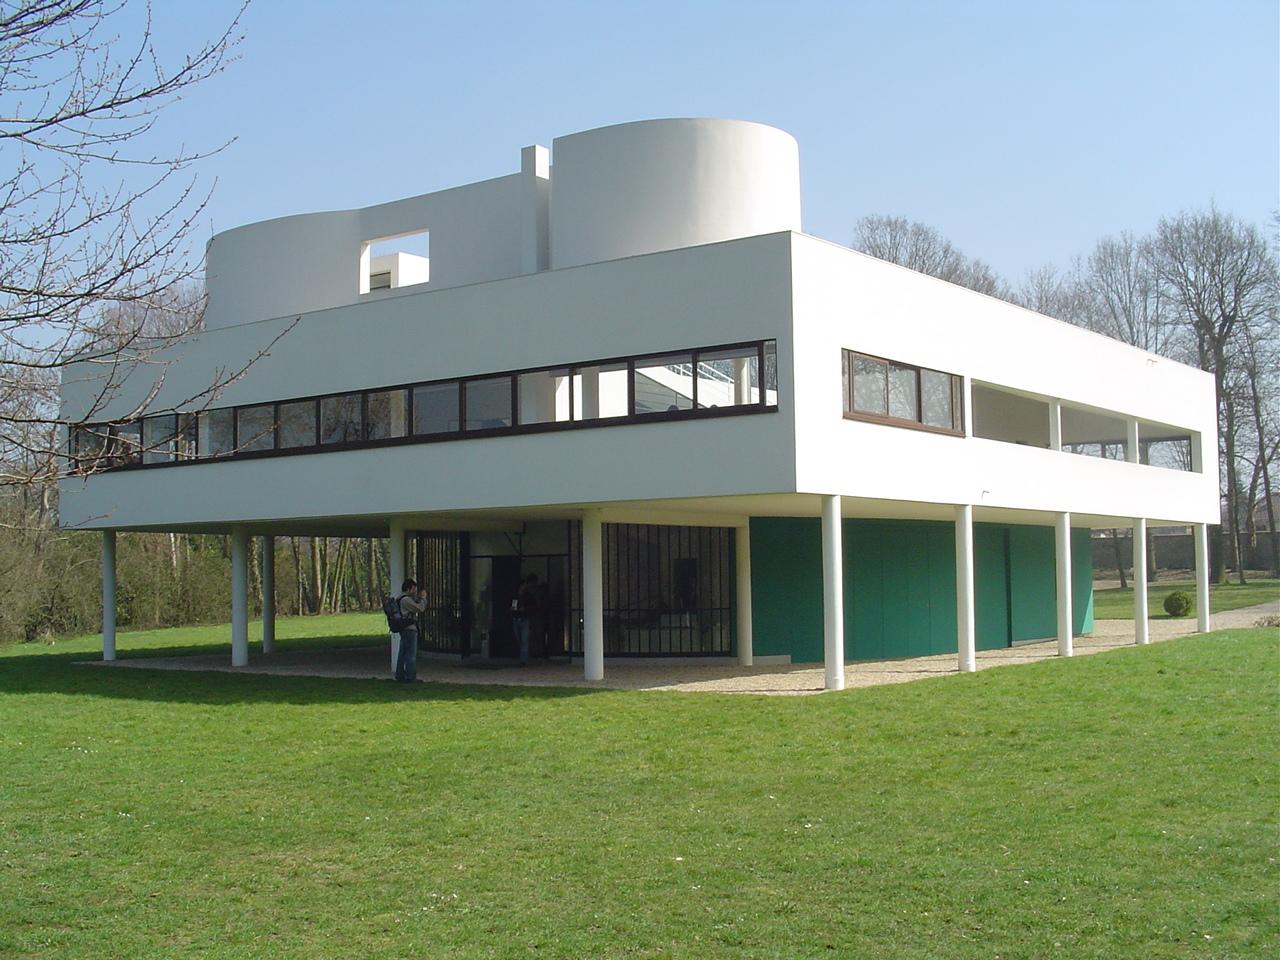 Os 5 pontos da arquitetura moderna de Le Corbusier e sua influência nas construções atuais